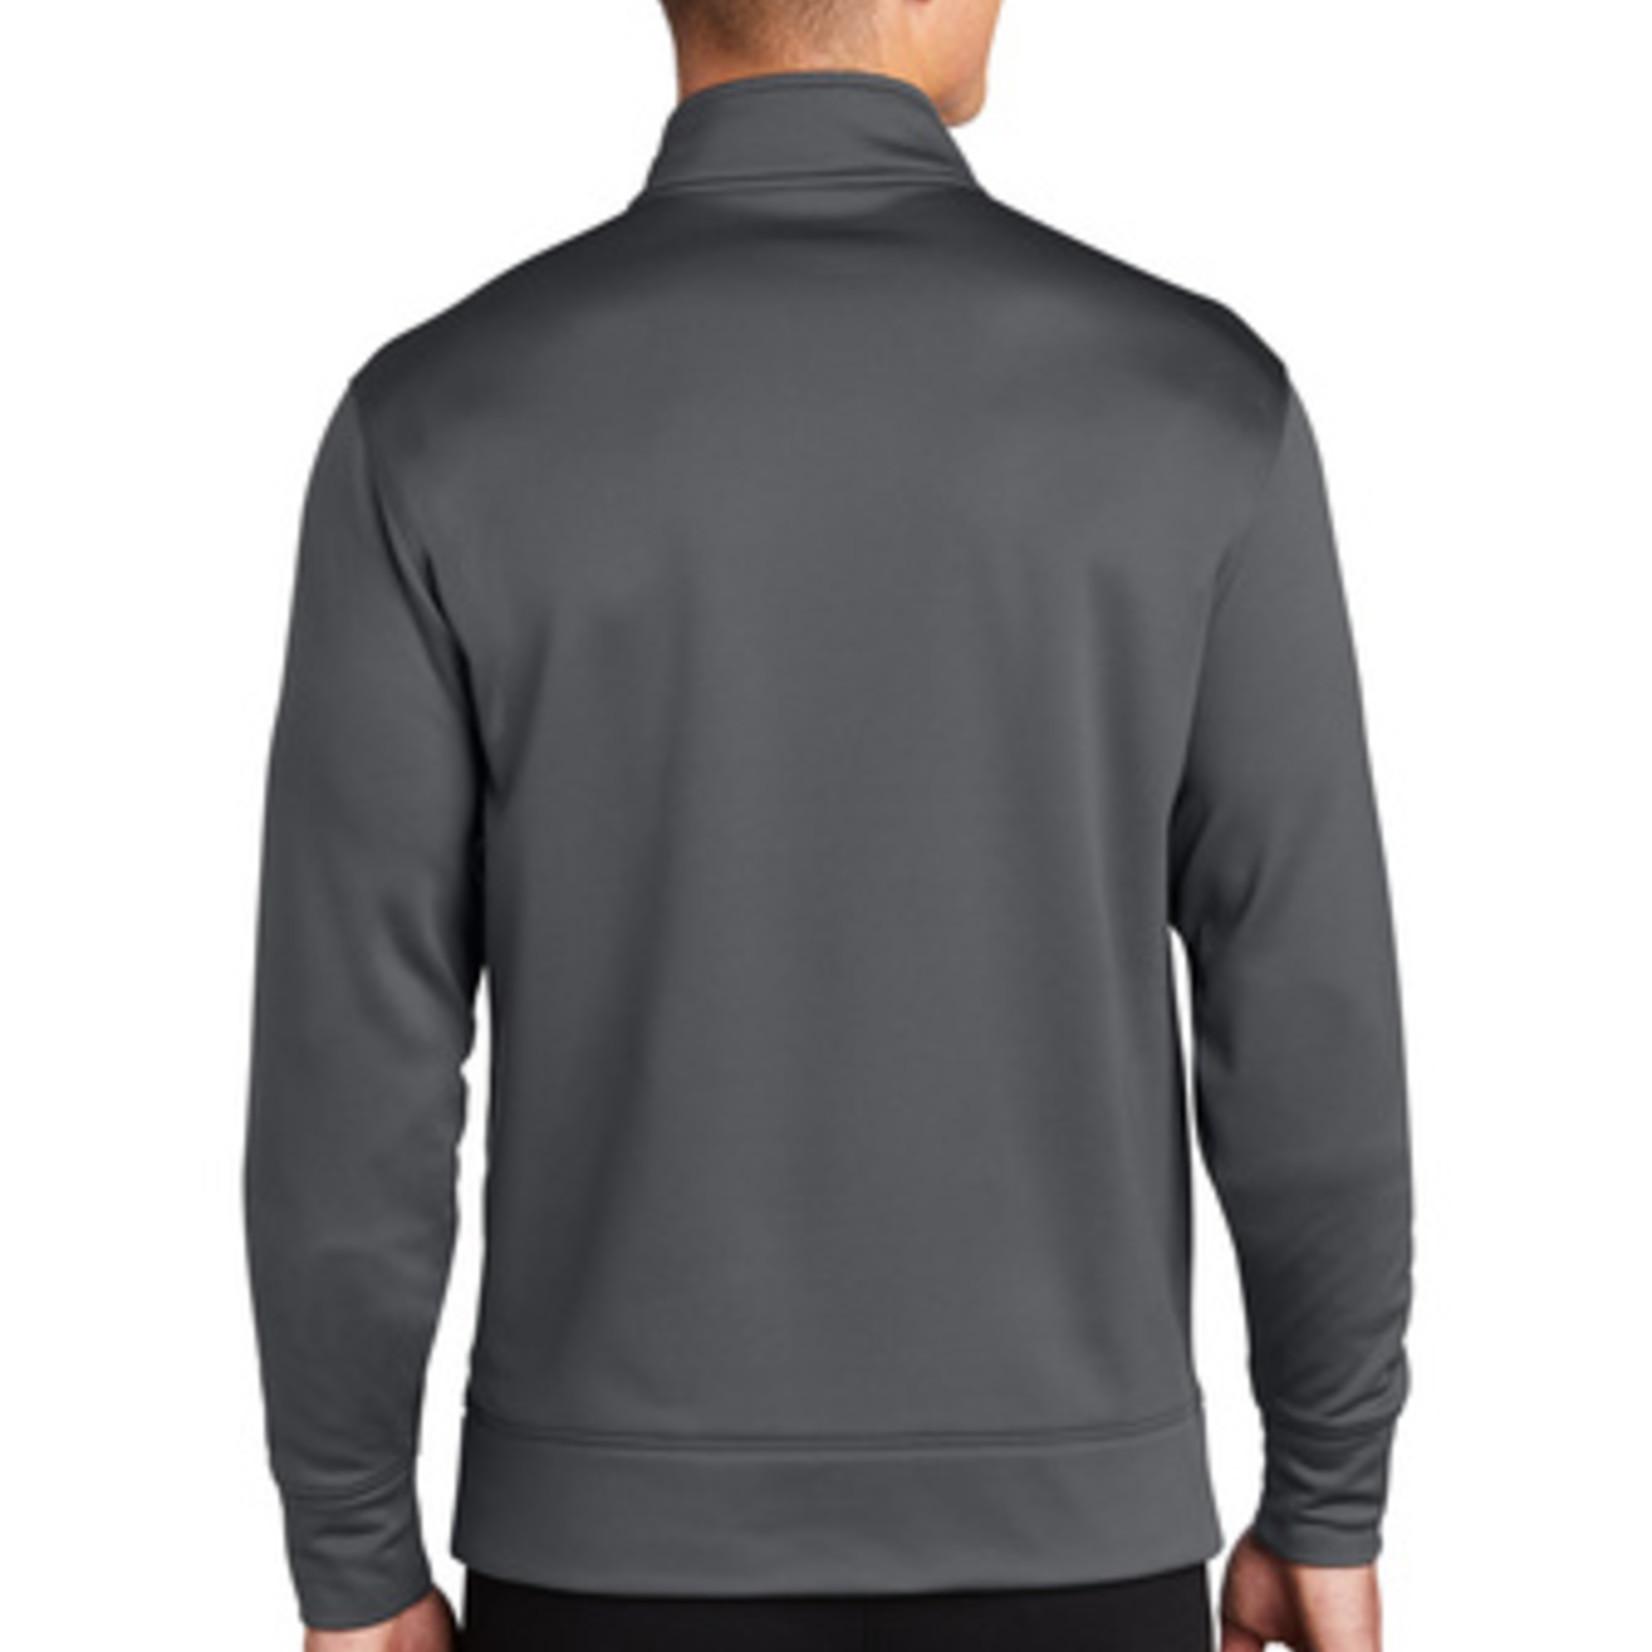 Port Authority Sport-Wick Fleece Full Zip Jacket ST241